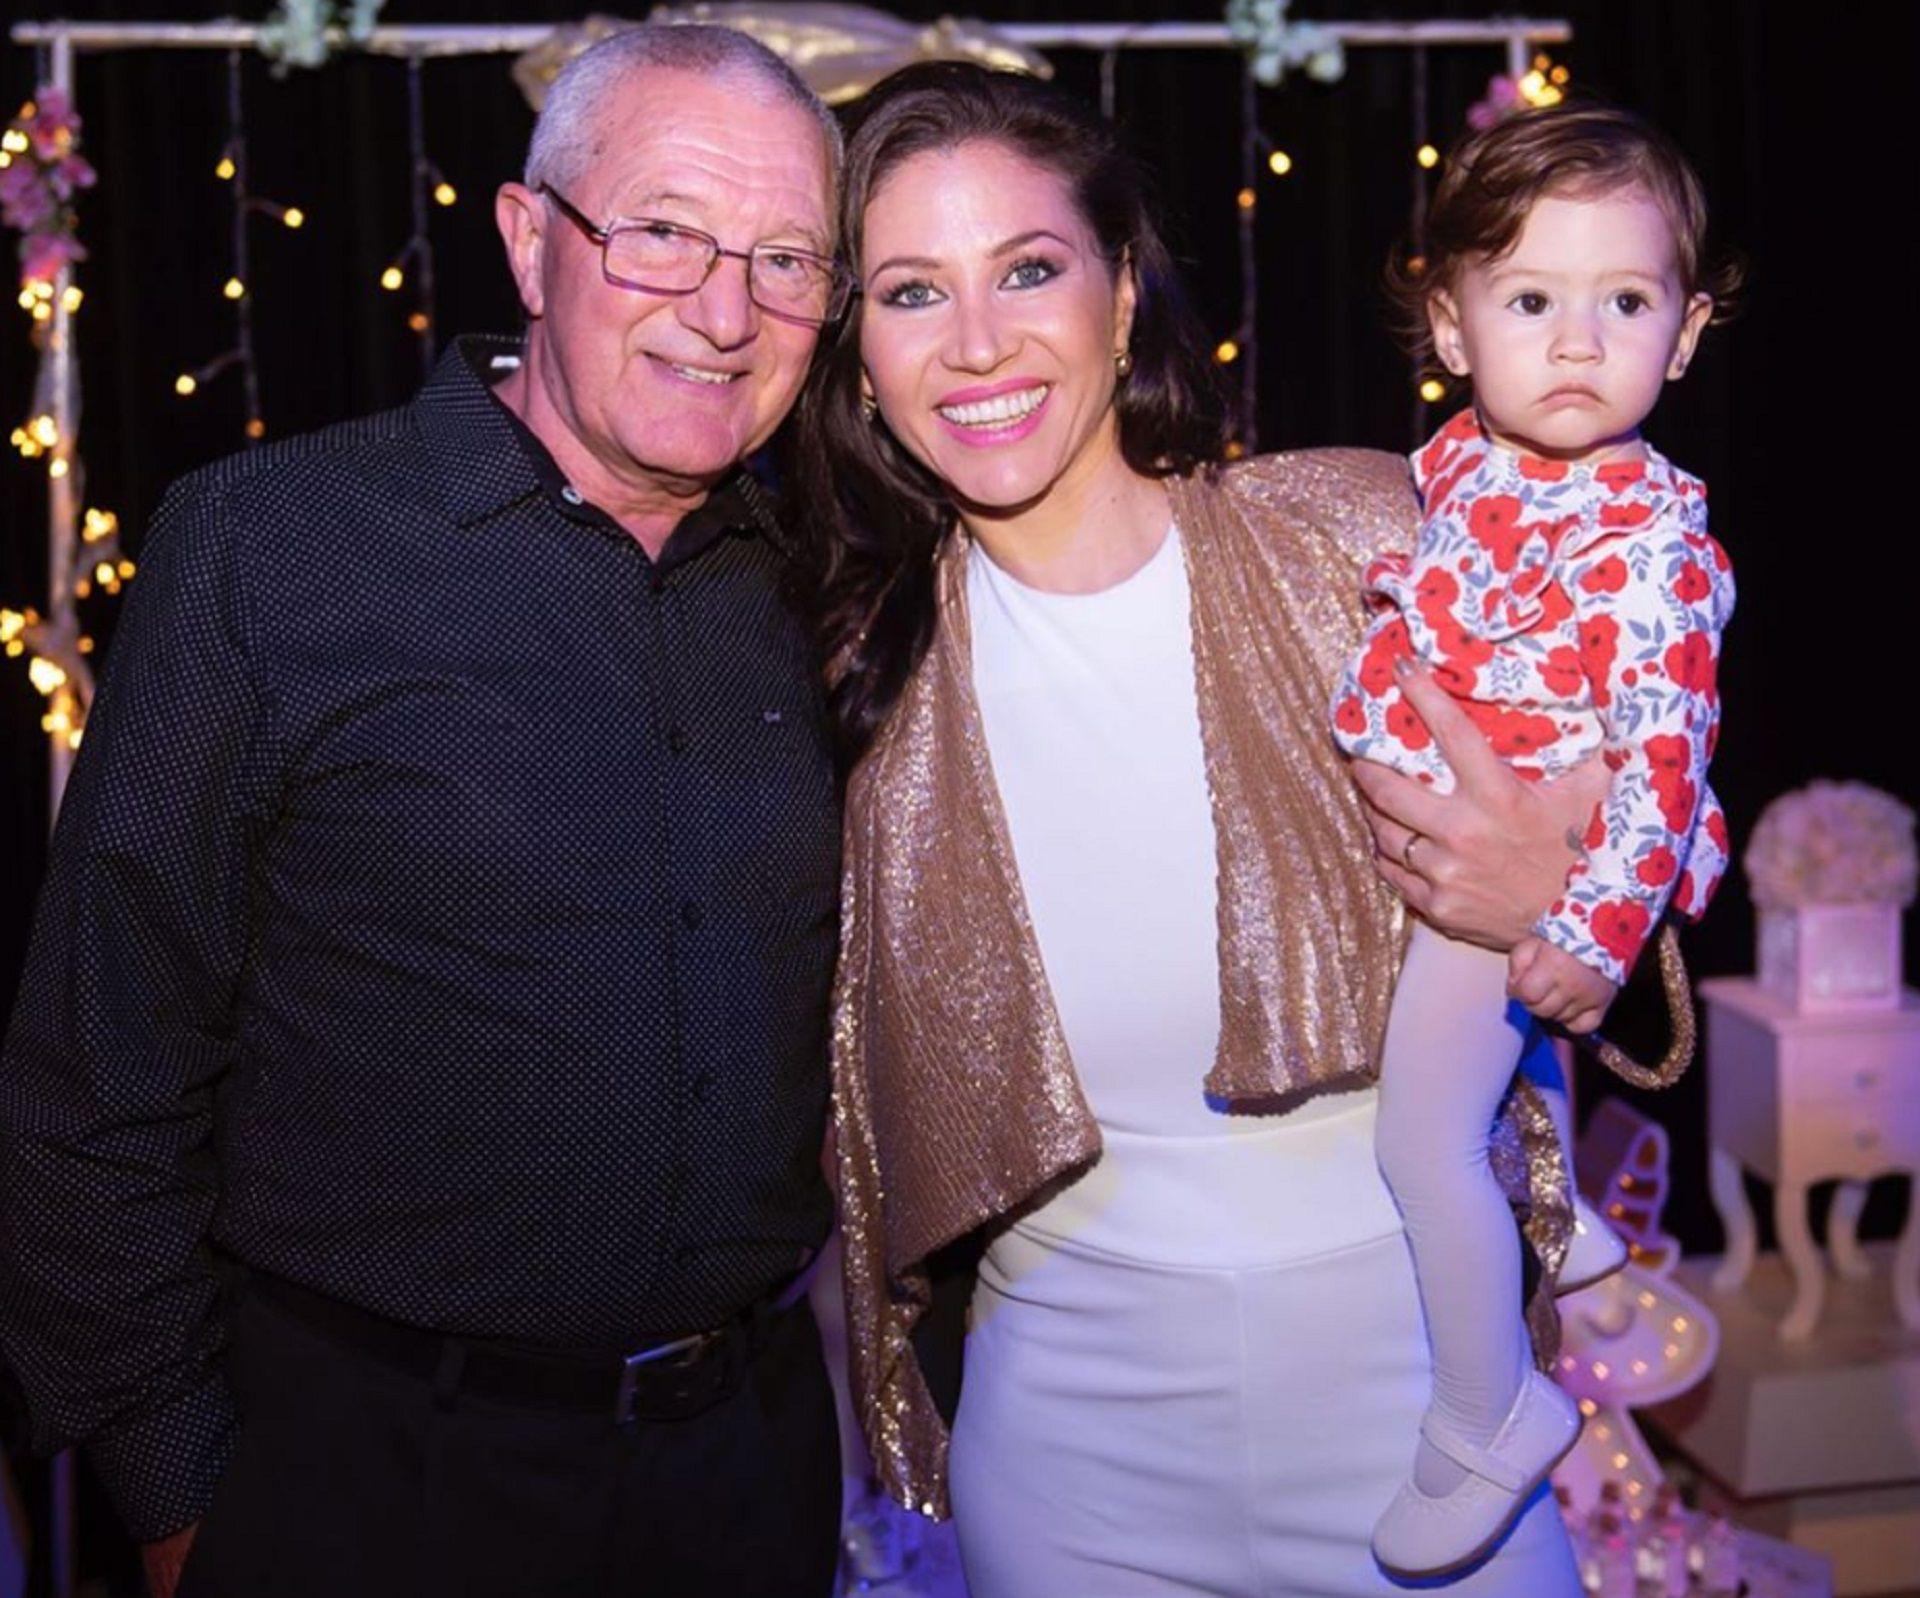 Tres generaciones: Eduardo, Adabel y Lola (Instagram)